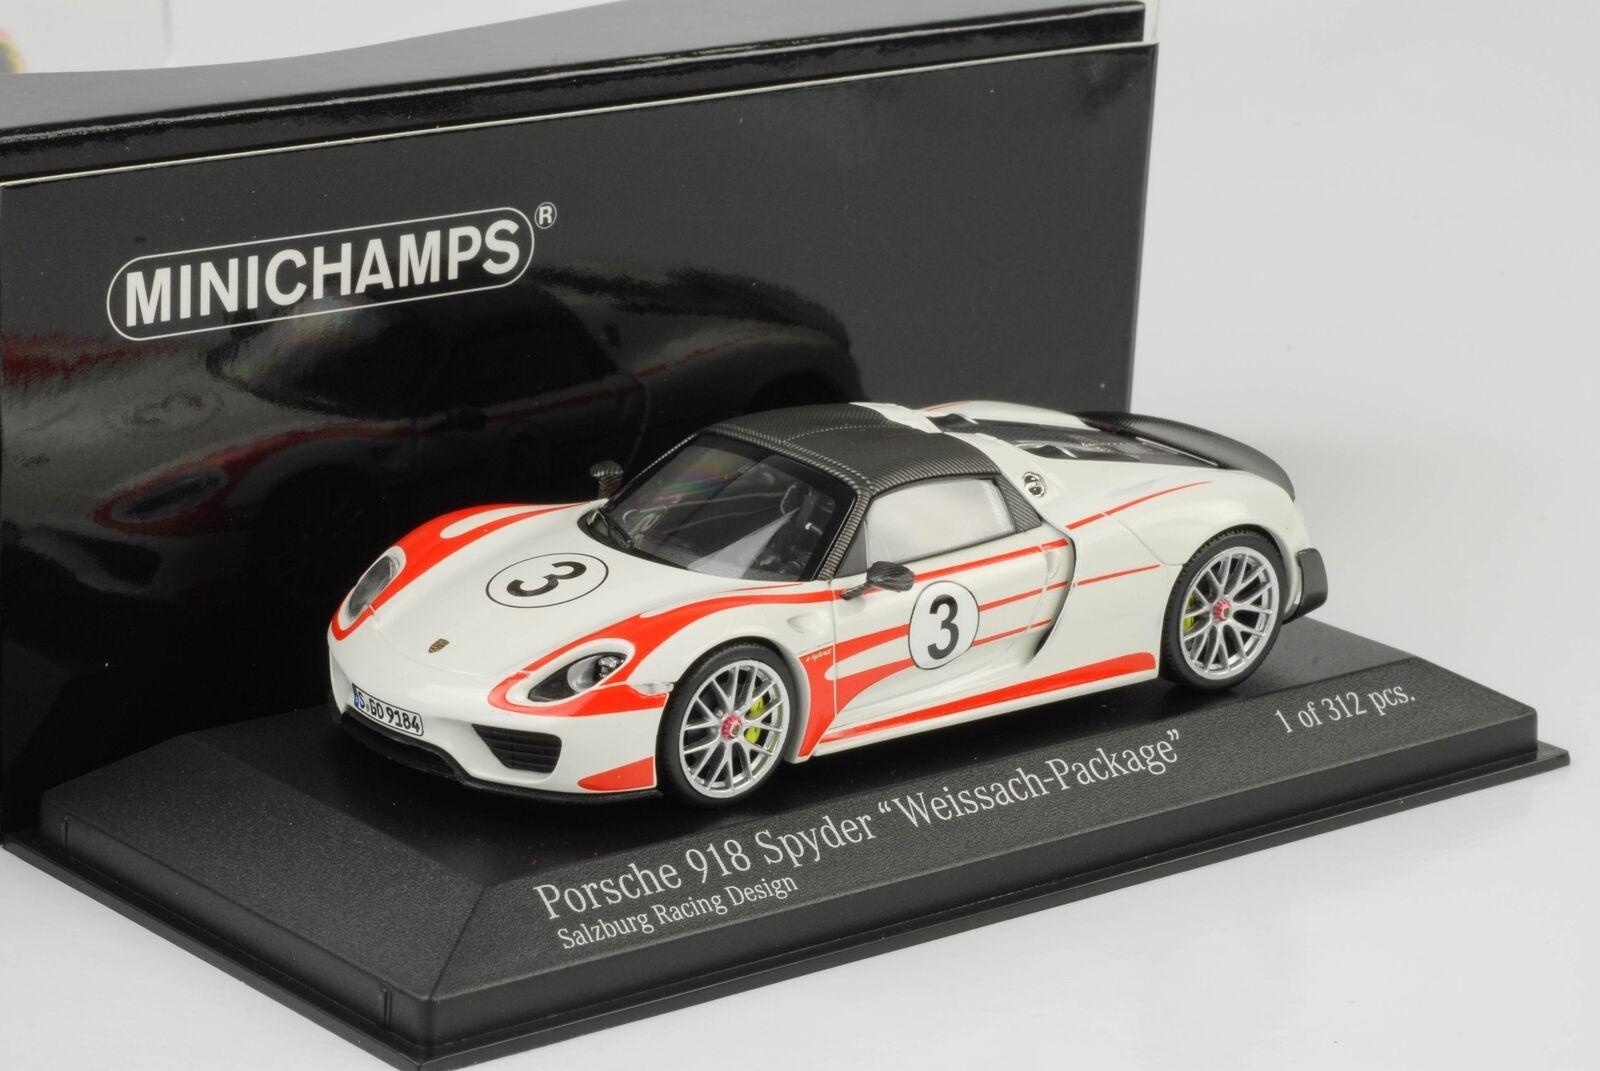 Superbe Noël sonné sonné, accueille accueille accueille les célébrations du nouvel an 2015 Porsche 918 Spyder Weissach Package Salzbourg Racing 1:43 MINICHAMPS | De Haute Qualité  28d83a